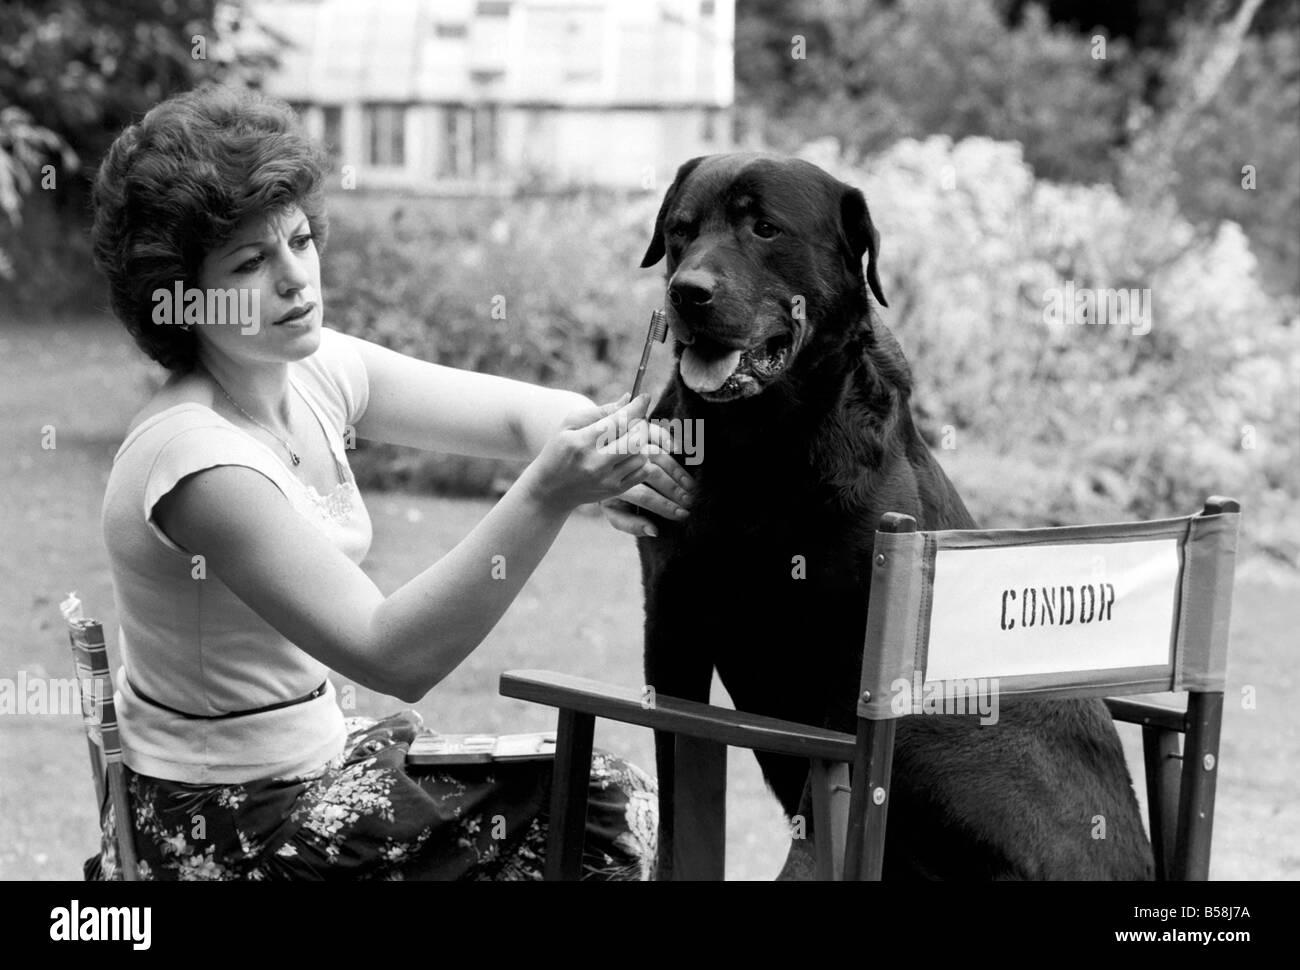 Divertissement: Film: Le défini pour le nouveau thriller film 'Le rendez-vous' avec Edward Photo Stock